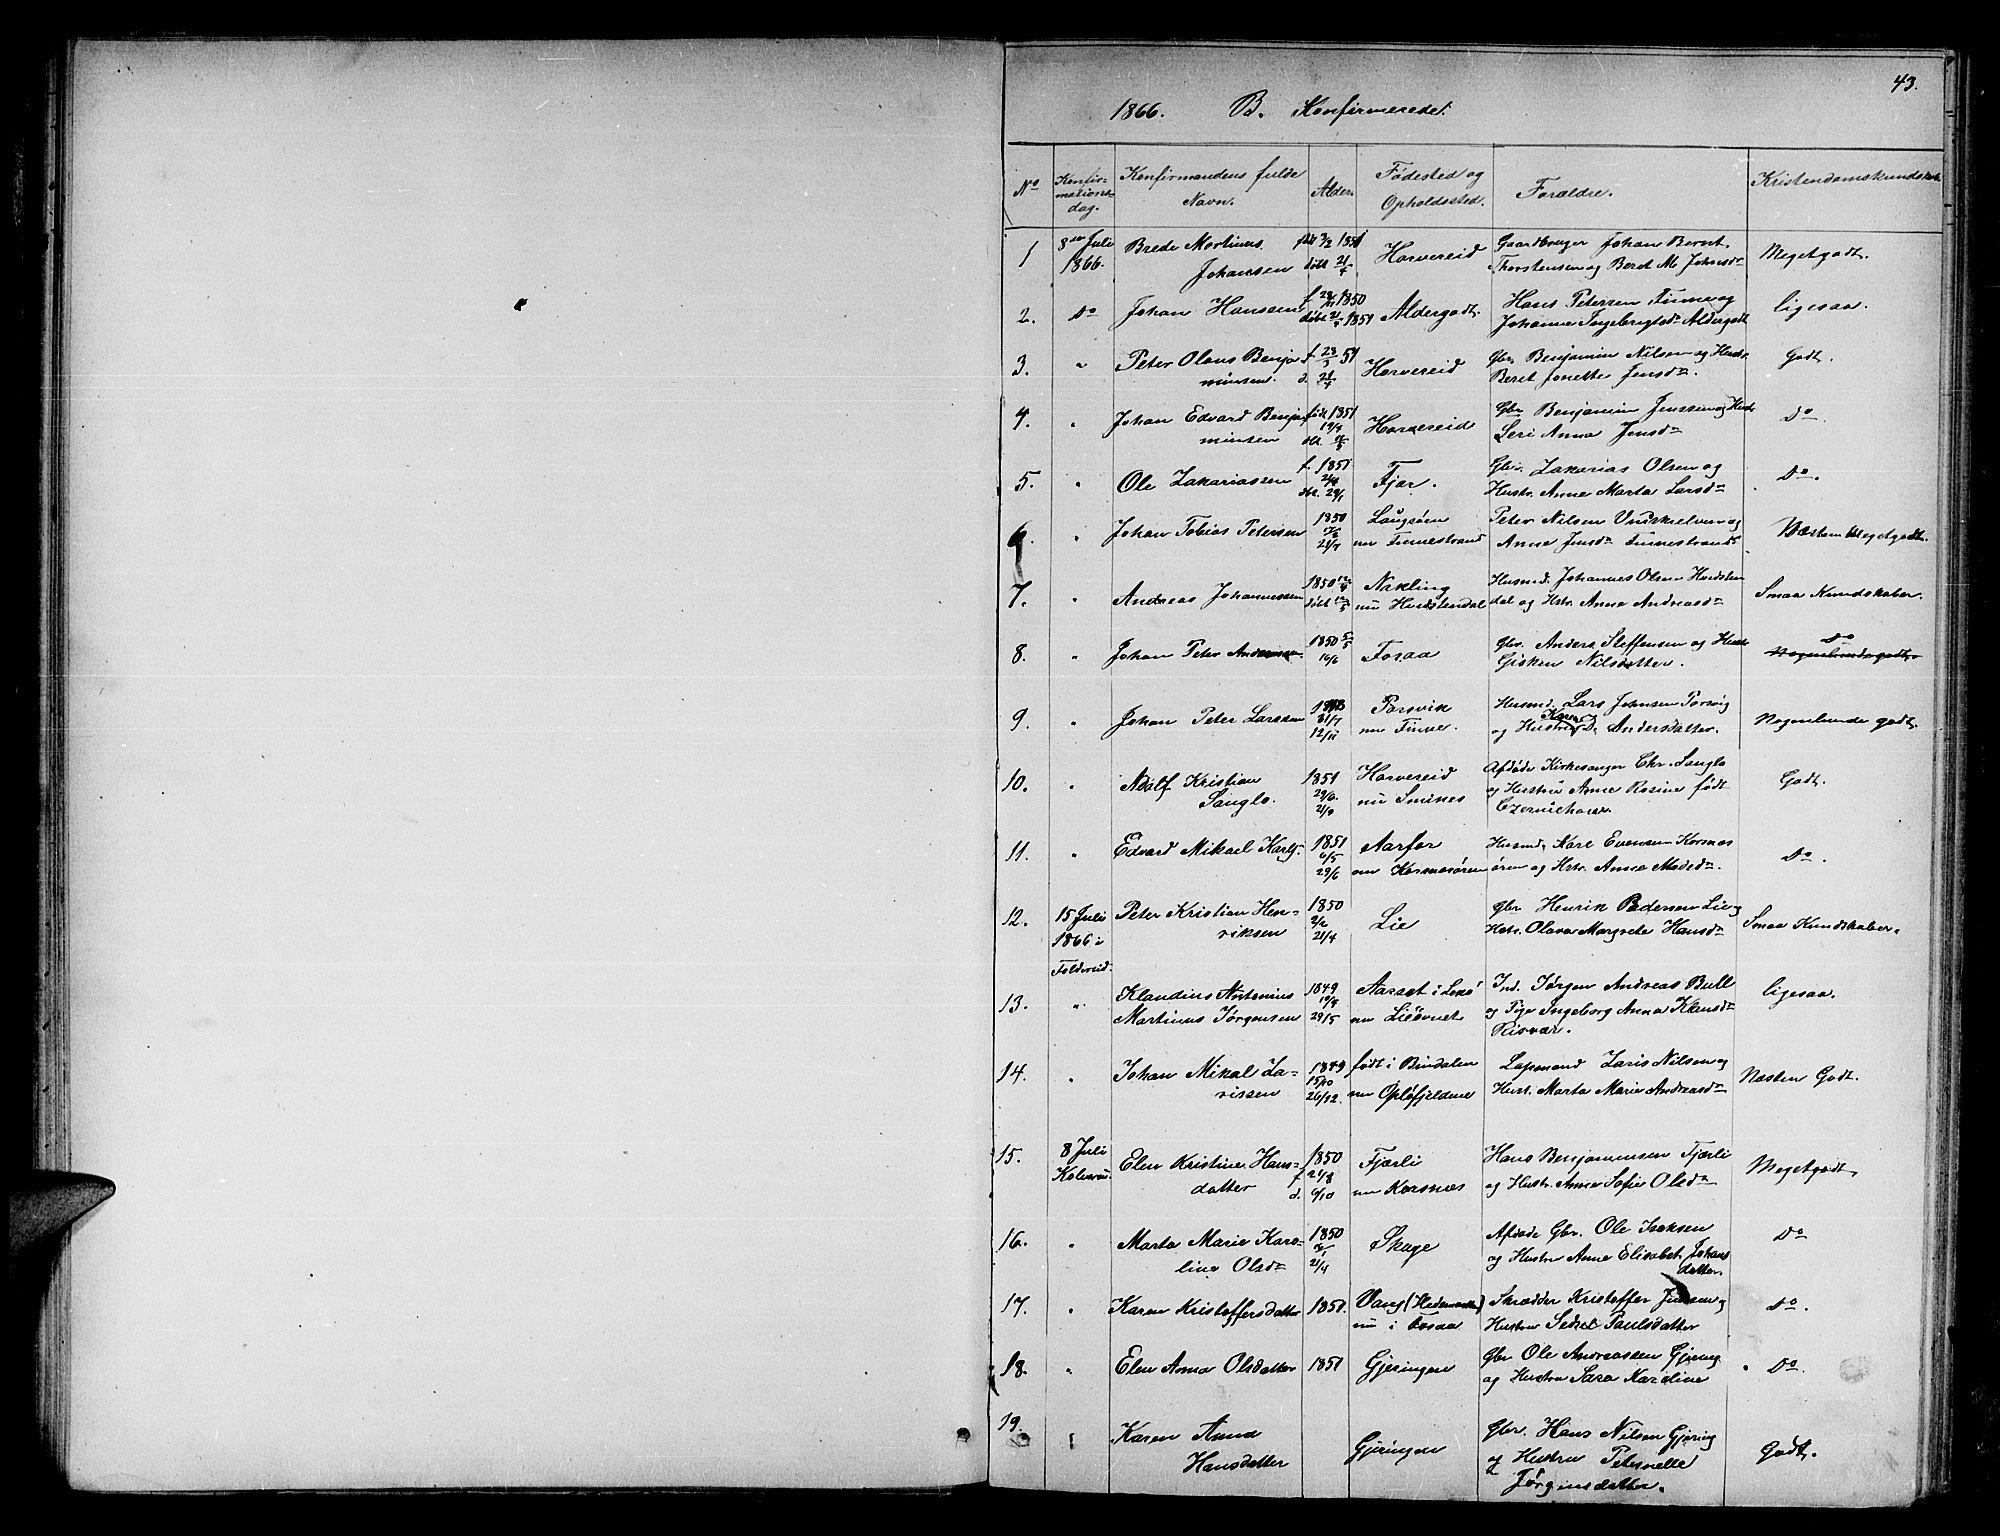 SAT, Ministerialprotokoller, klokkerbøker og fødselsregistre - Nord-Trøndelag, 780/L0650: Klokkerbok nr. 780C02, 1866-1884, s. 43